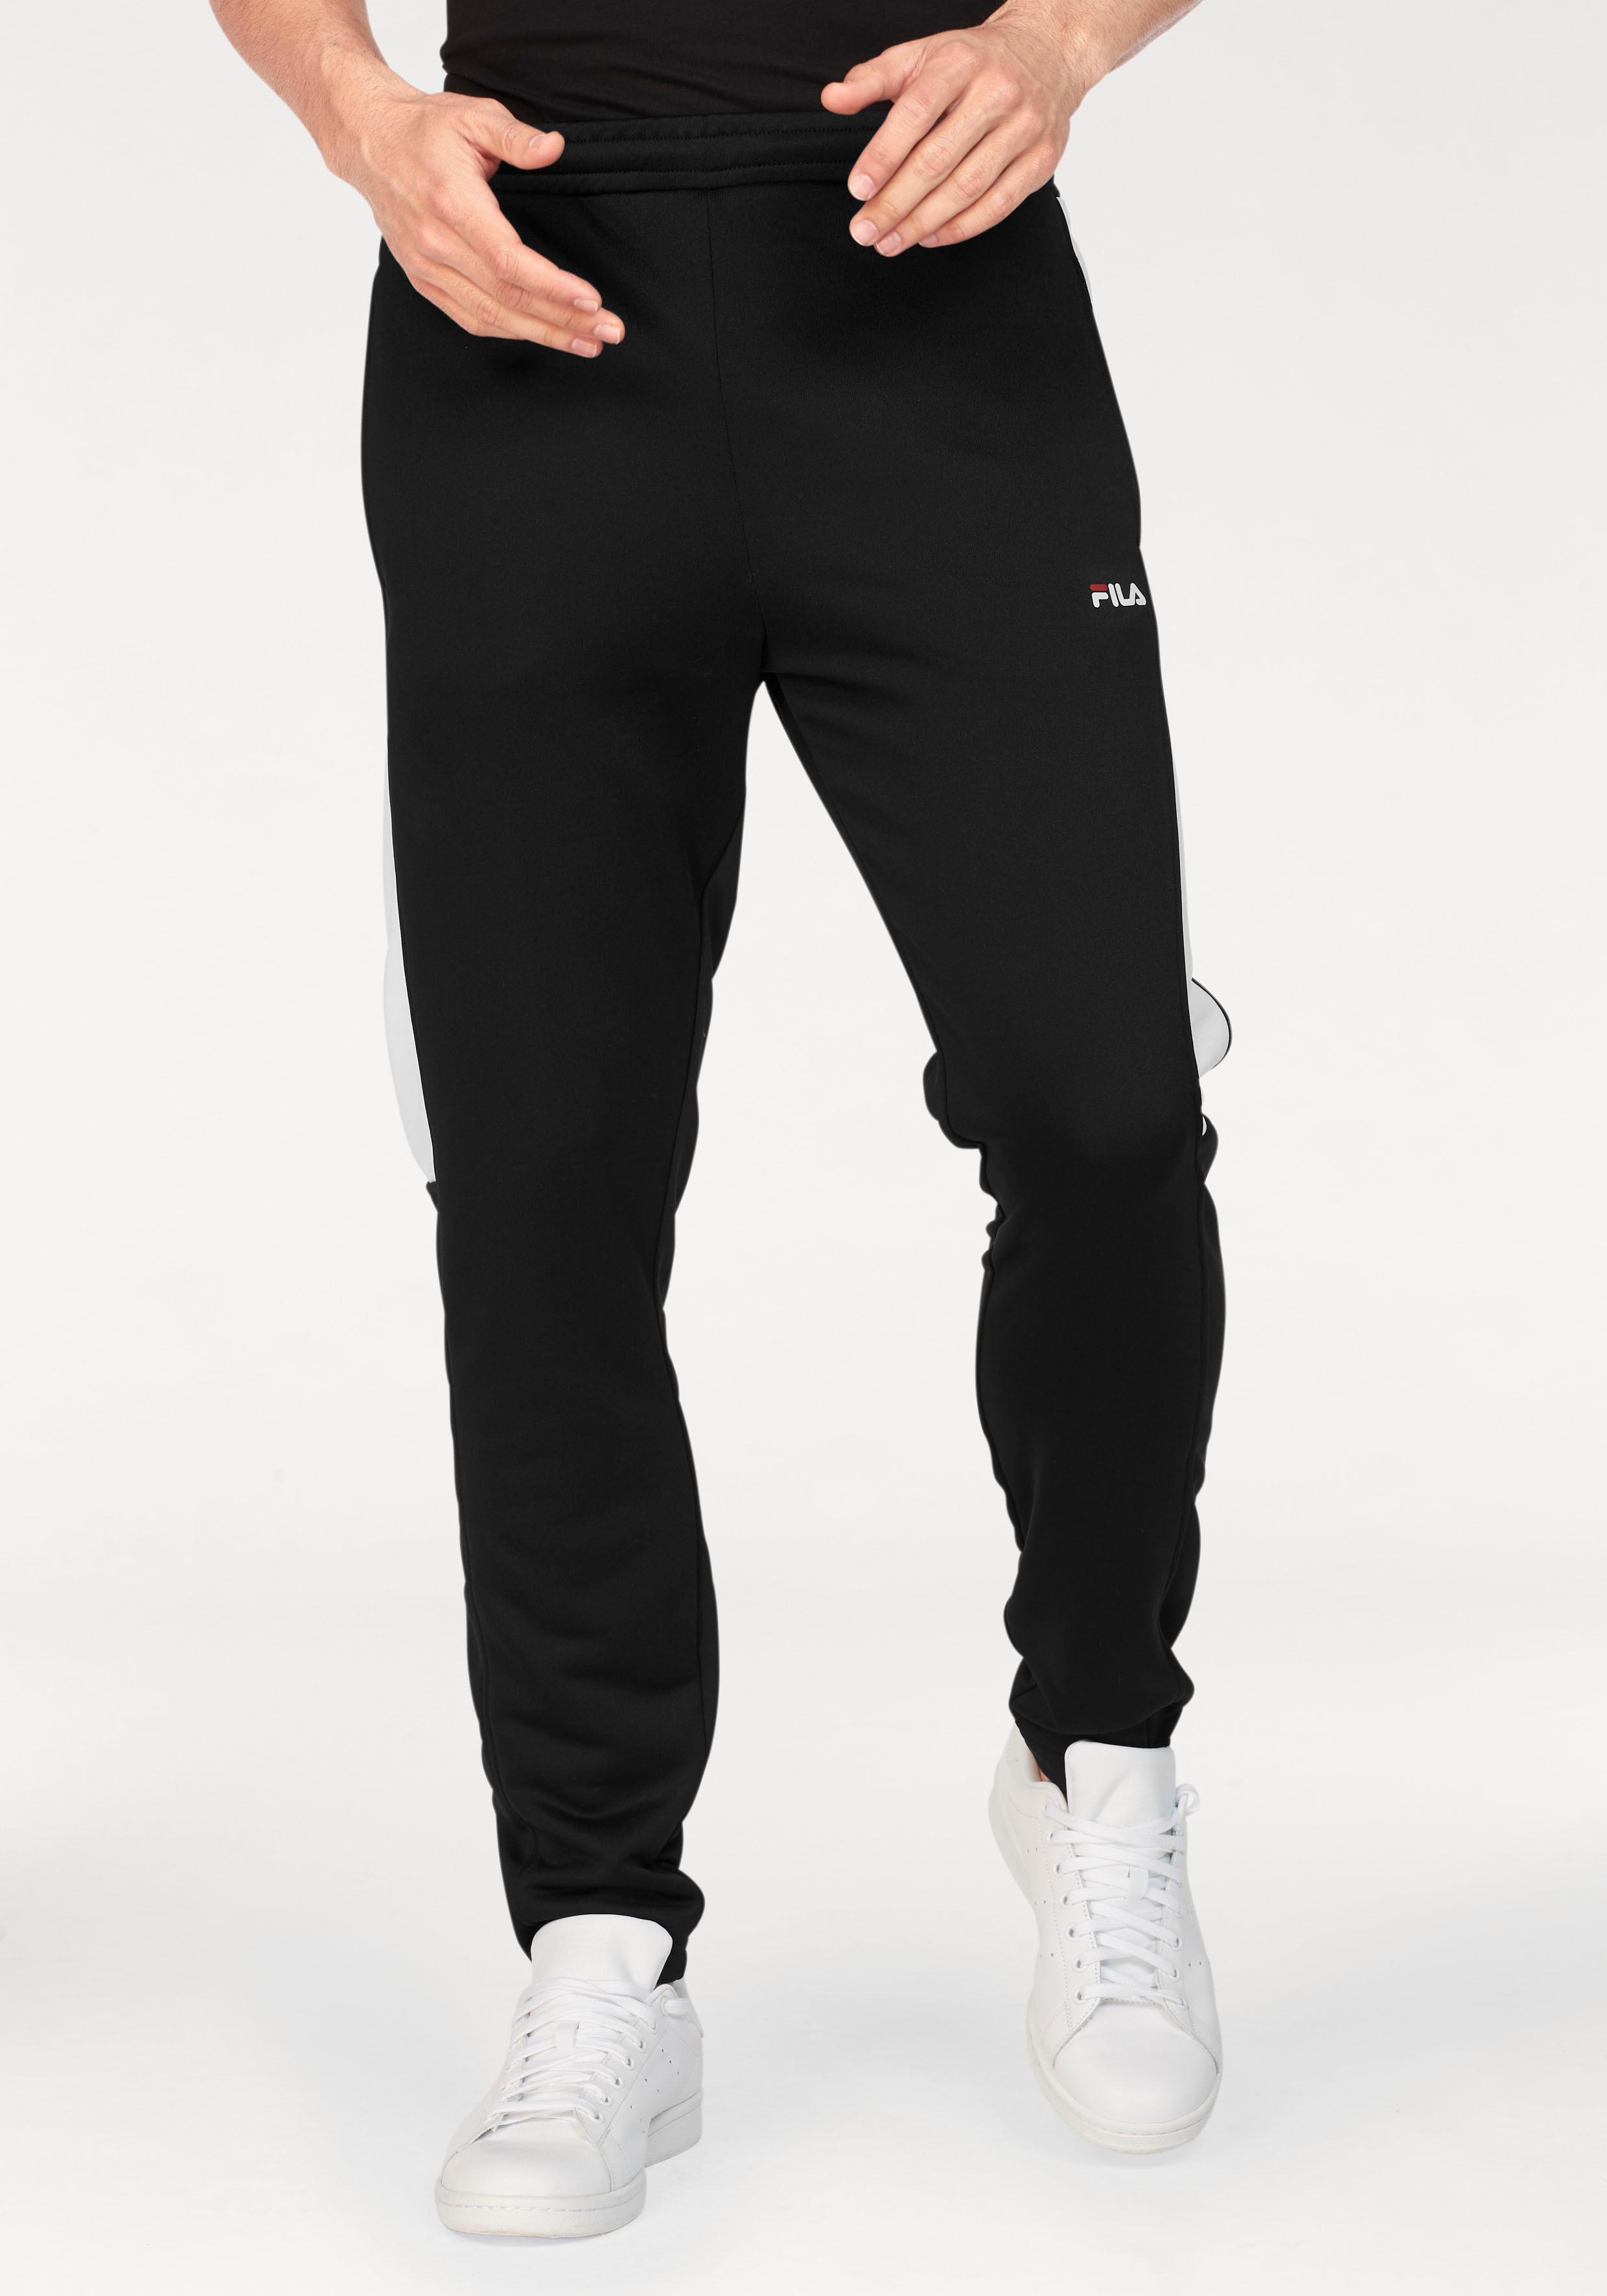 Fila Trainingshose SOLAR TIGHT PANTS | Sportbekleidung > Sporthosen > Trainingshosen | Fila